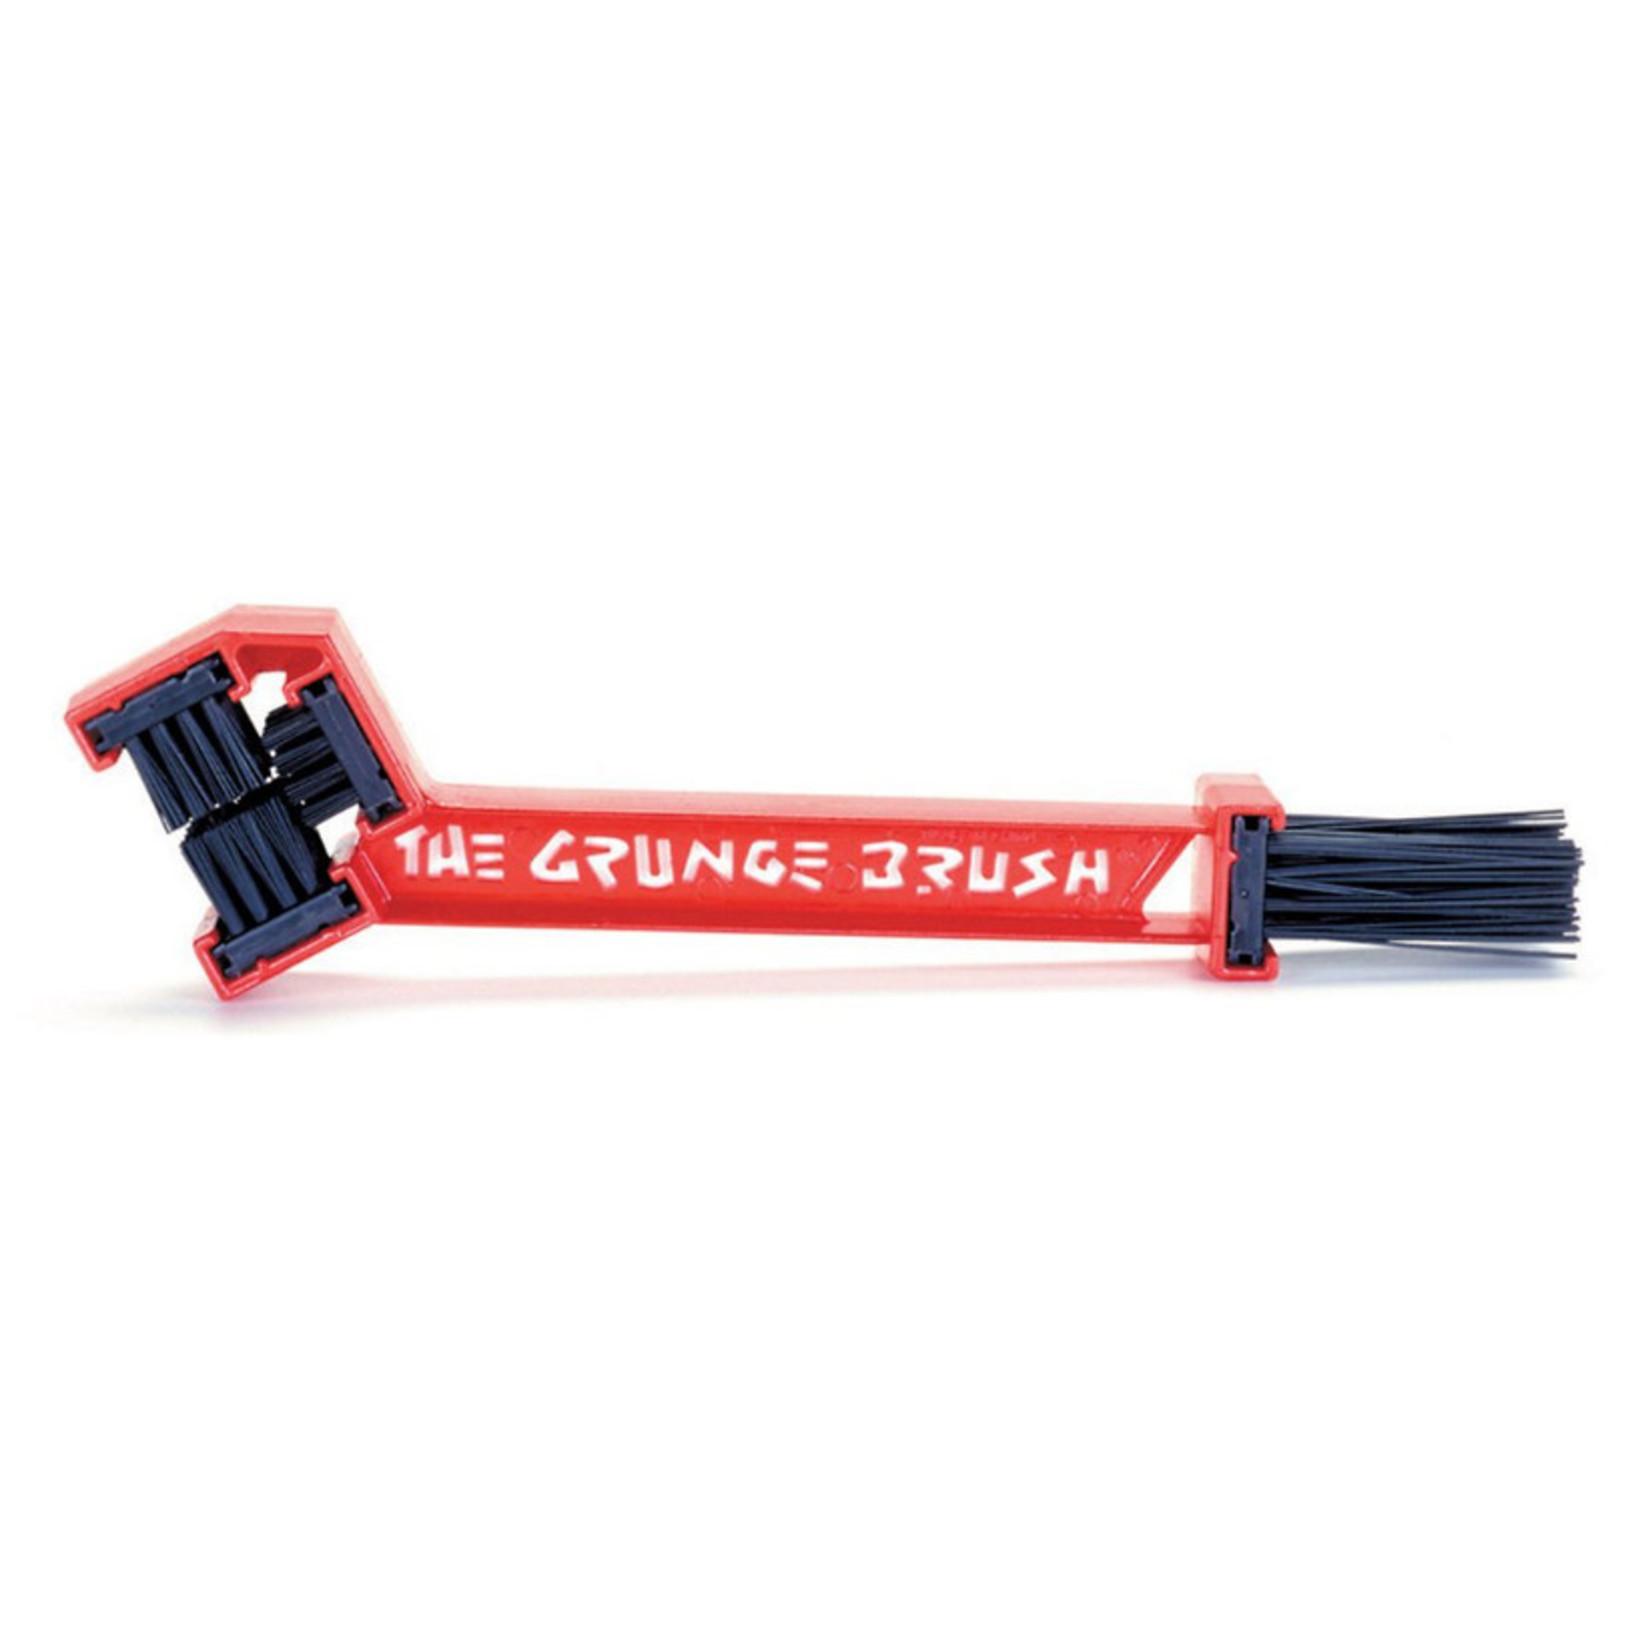 Finish Line Finish Line Grunge Brush